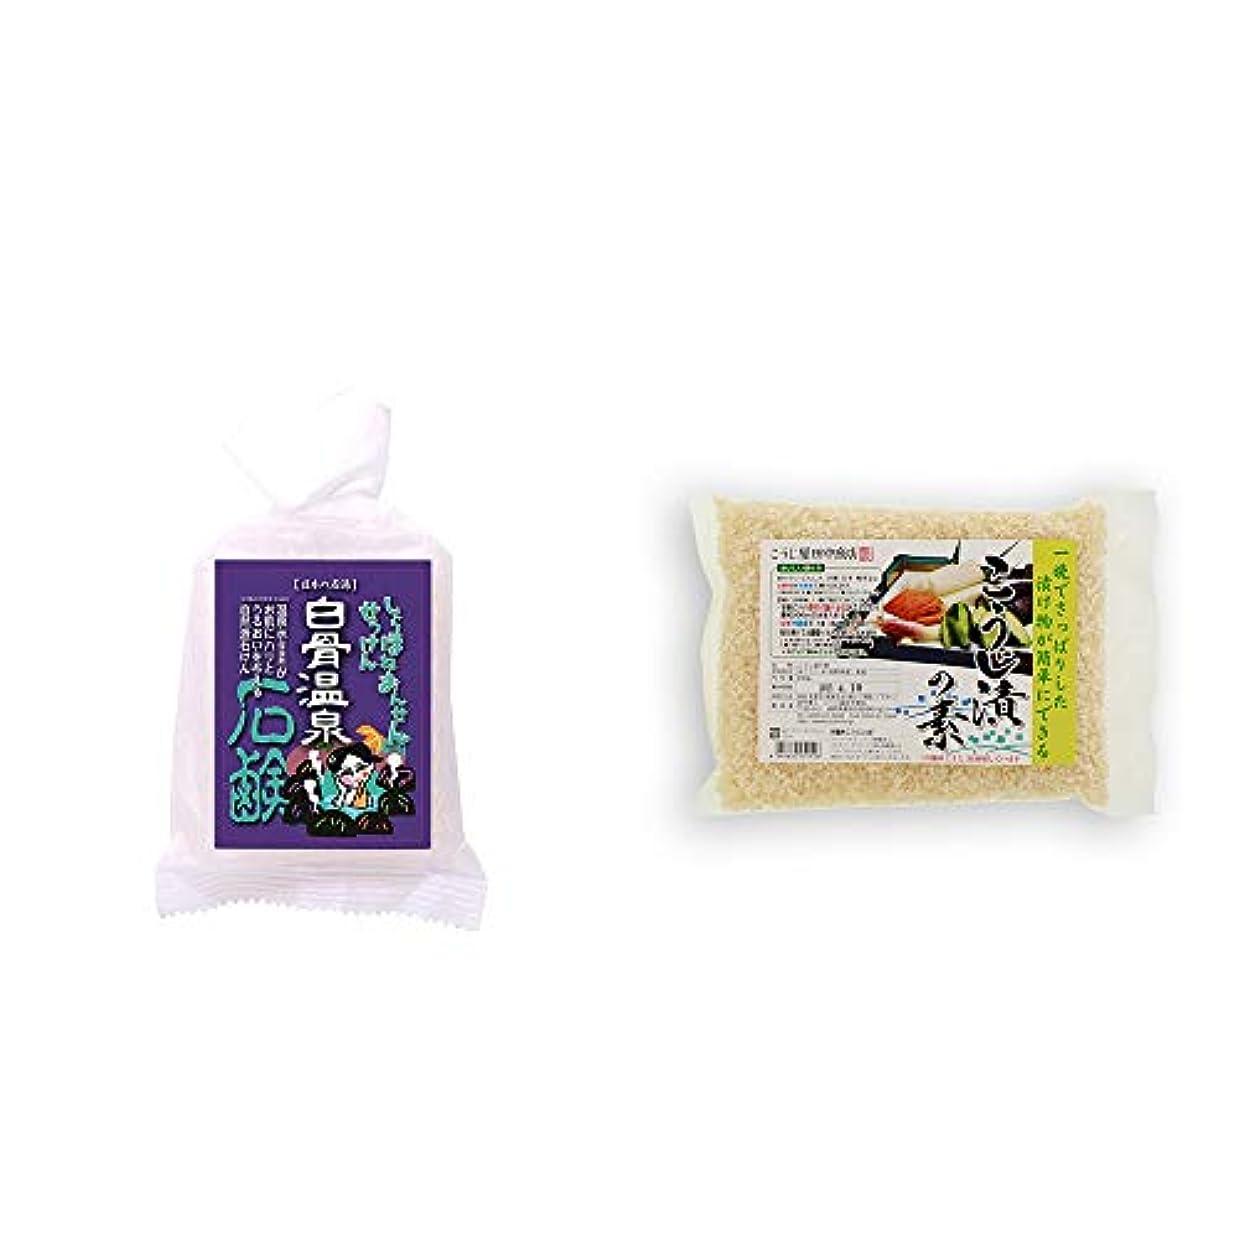 ポンプ忙しい膜[2点セット] 信州 白骨温泉石鹸(80g)?こうじ屋田中商店 こうじ漬けの素(600g)